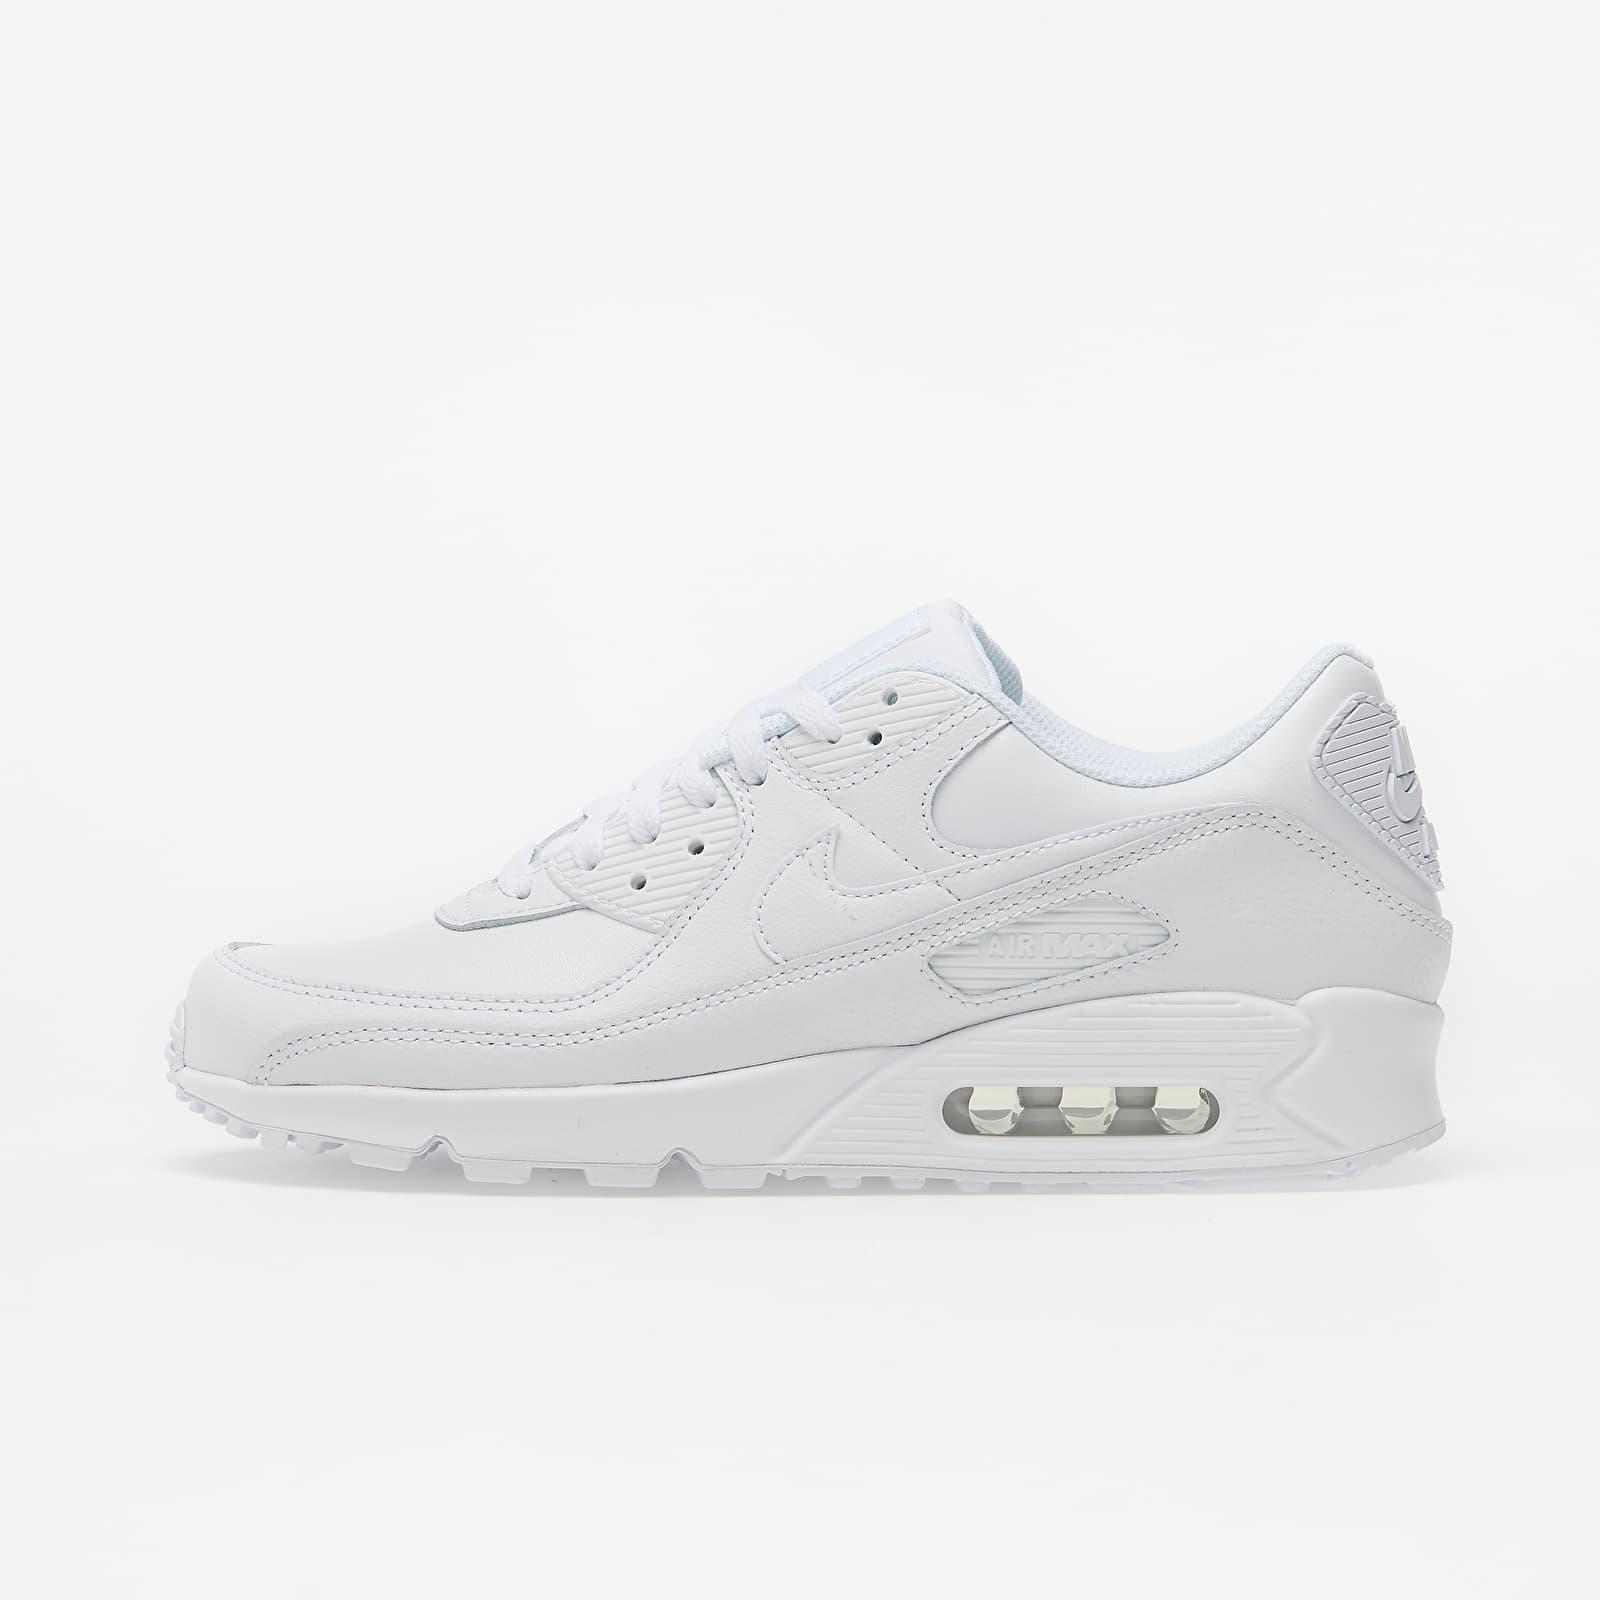 Nike Air Max 90 Leather White/ White-White CZ5594-100